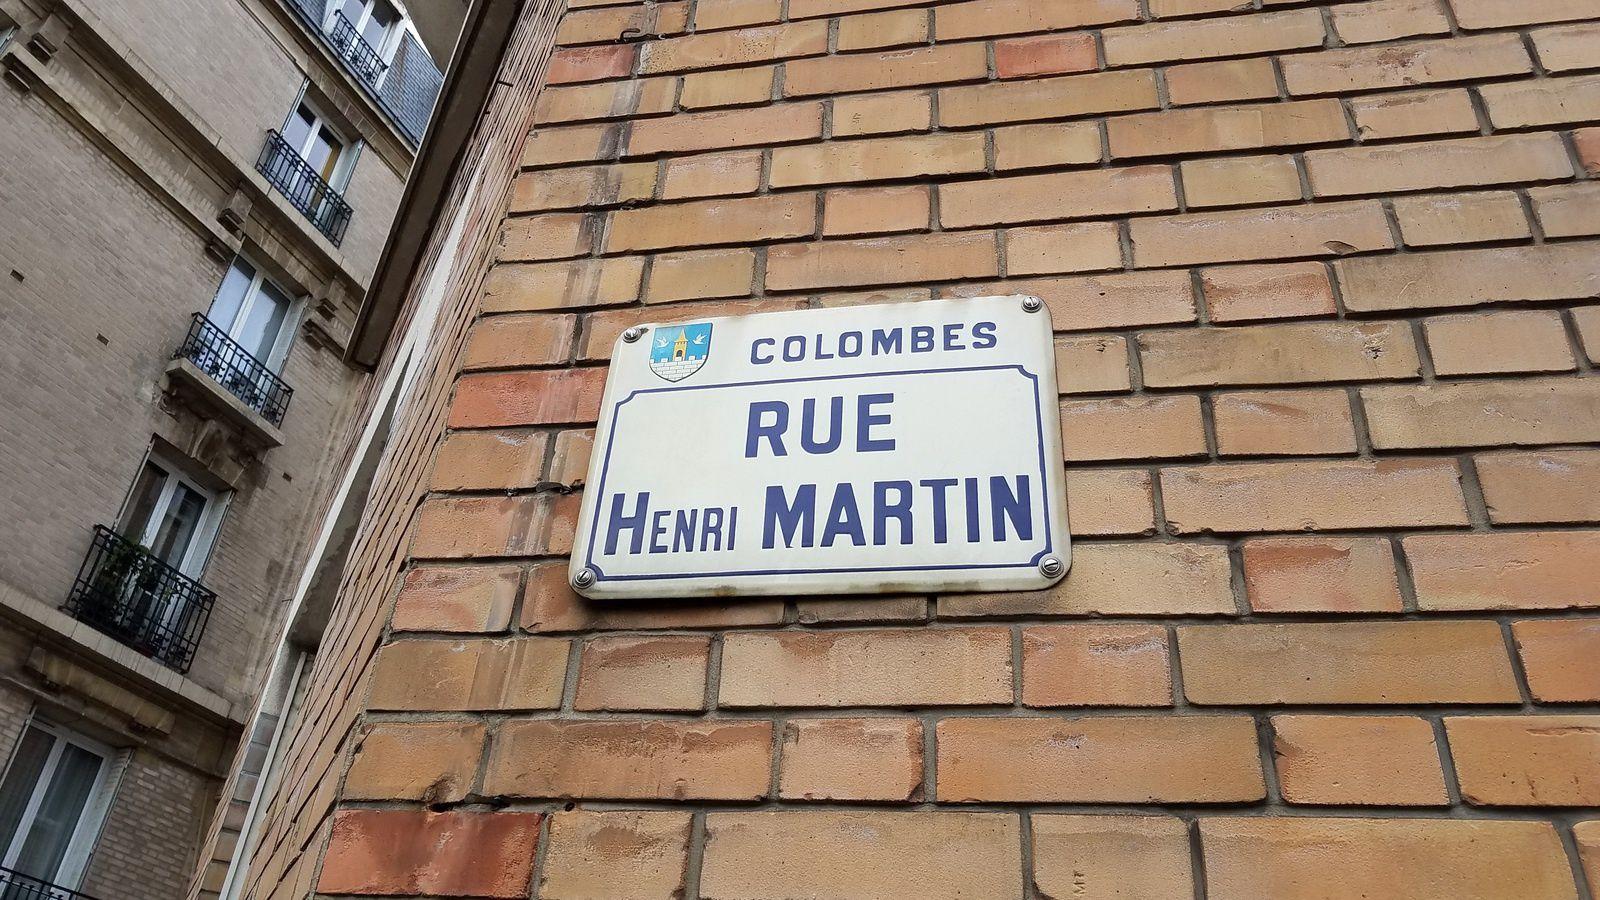 Colombes : une zone pavillonnaire qui n'est plus protégée des spéculations immobilières